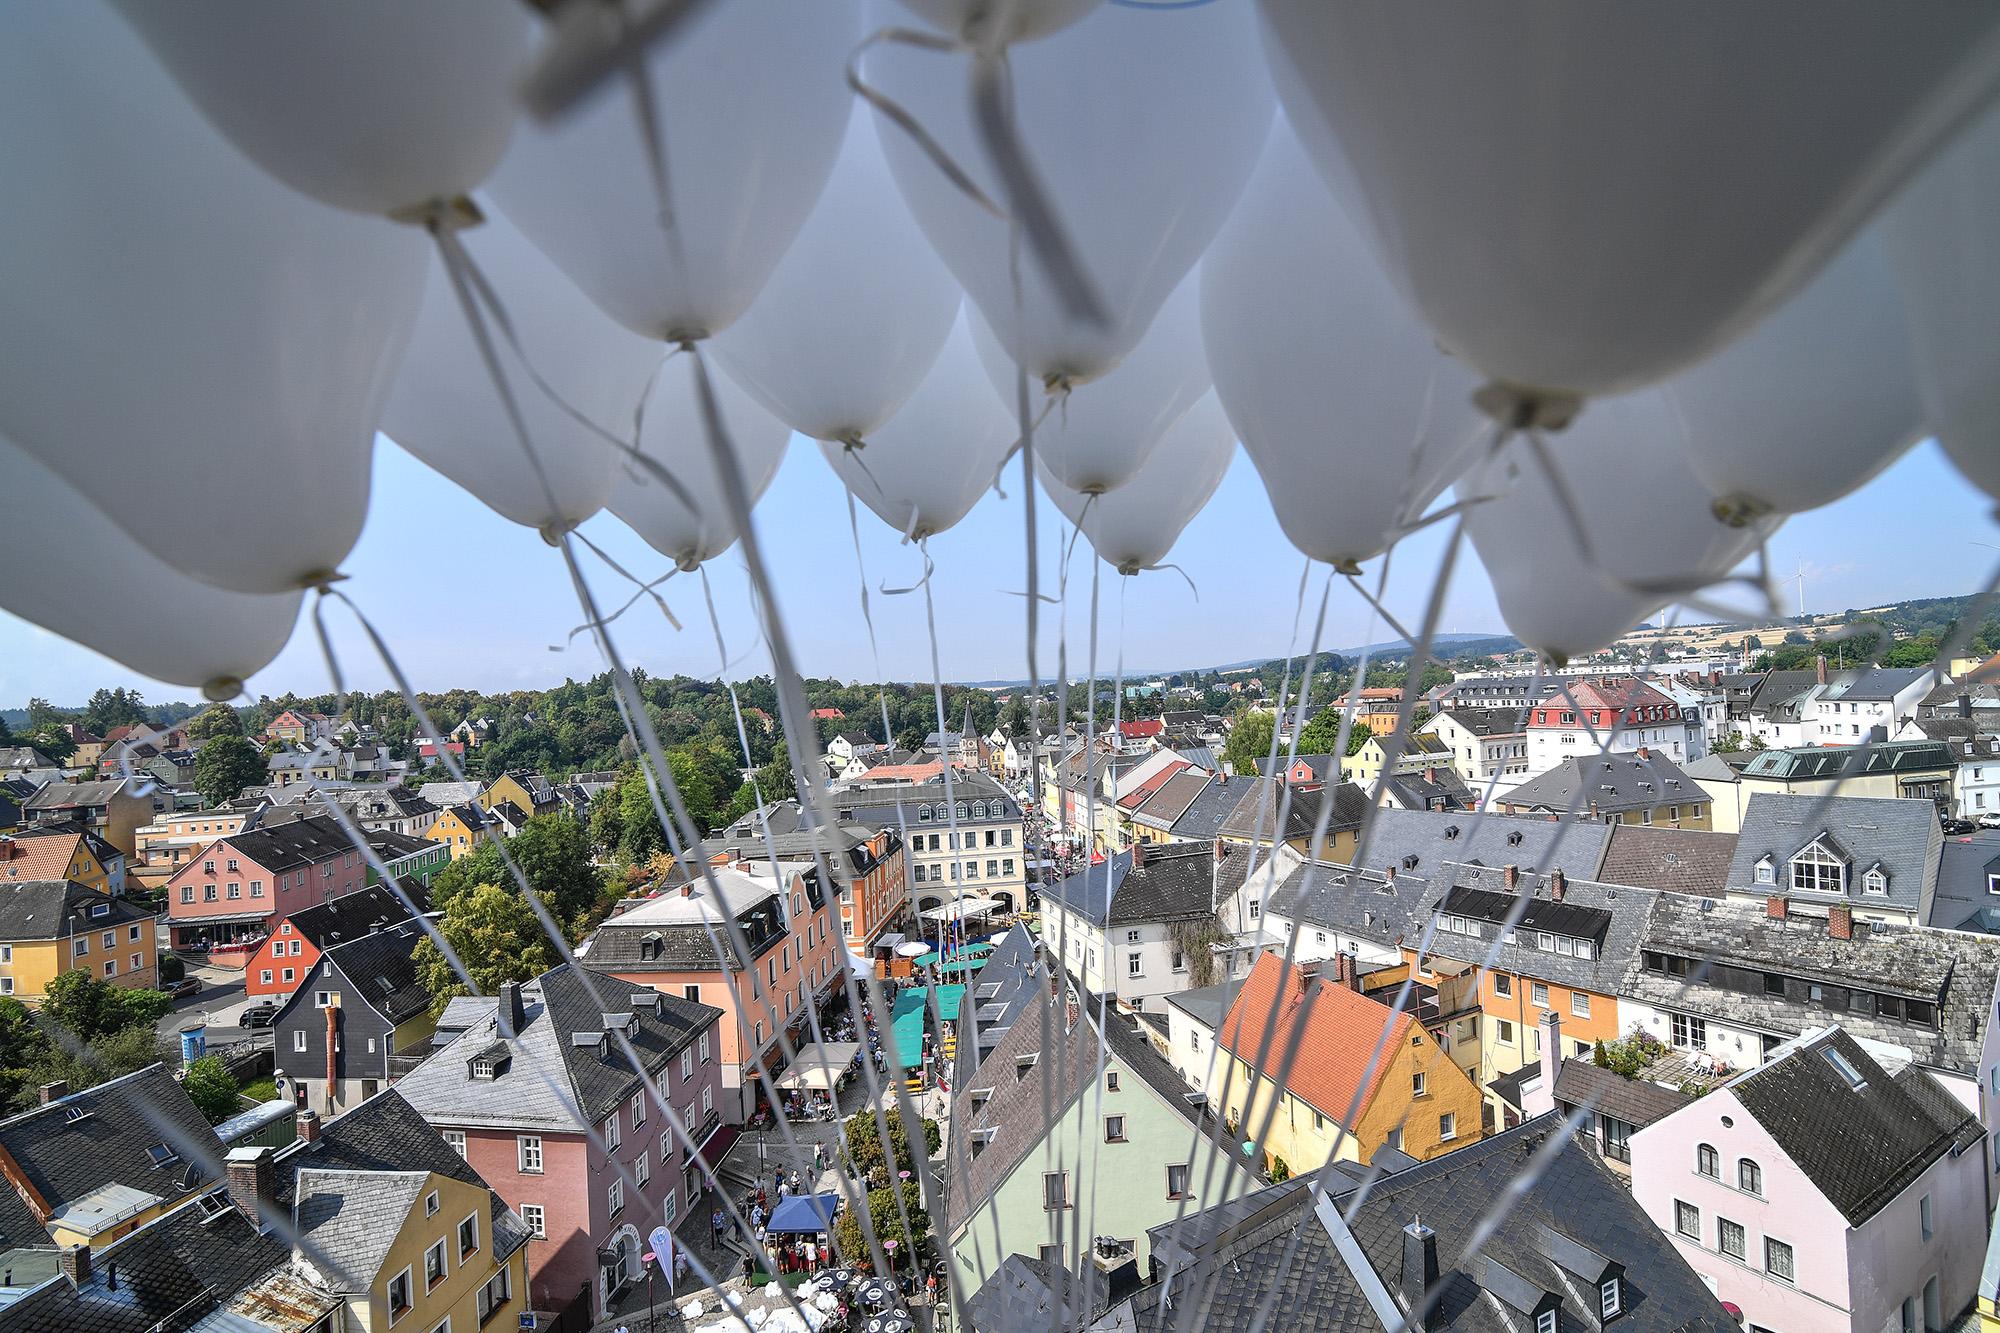 Stadt Selb aus der Vogelperspektive